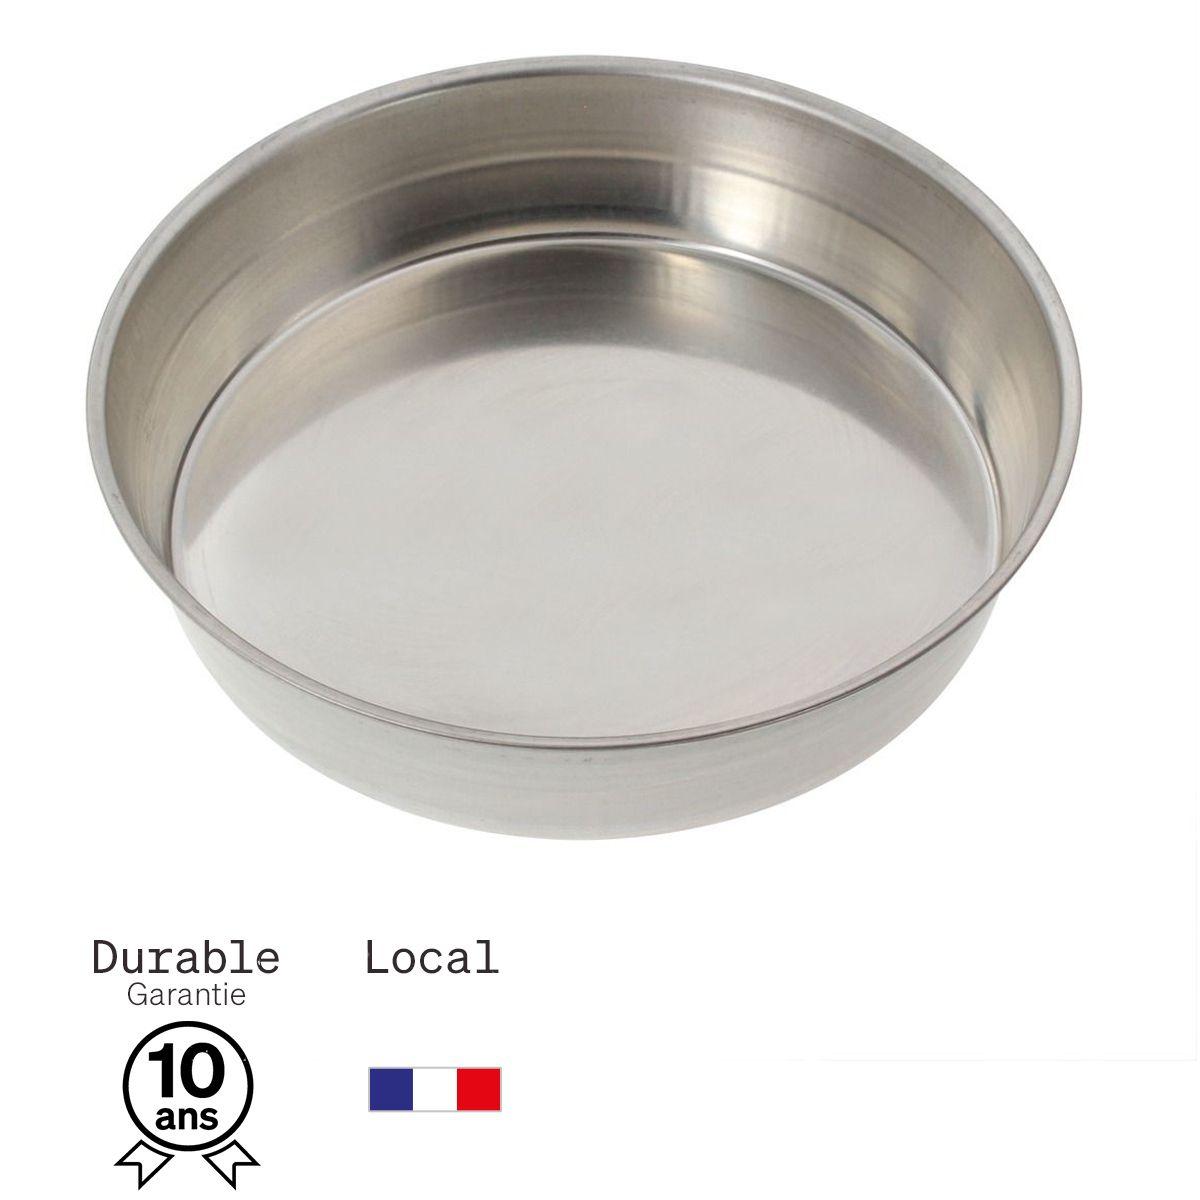 Moule à manqué rond en fer blanc 6/8 parts 22 cm - Alice Délice